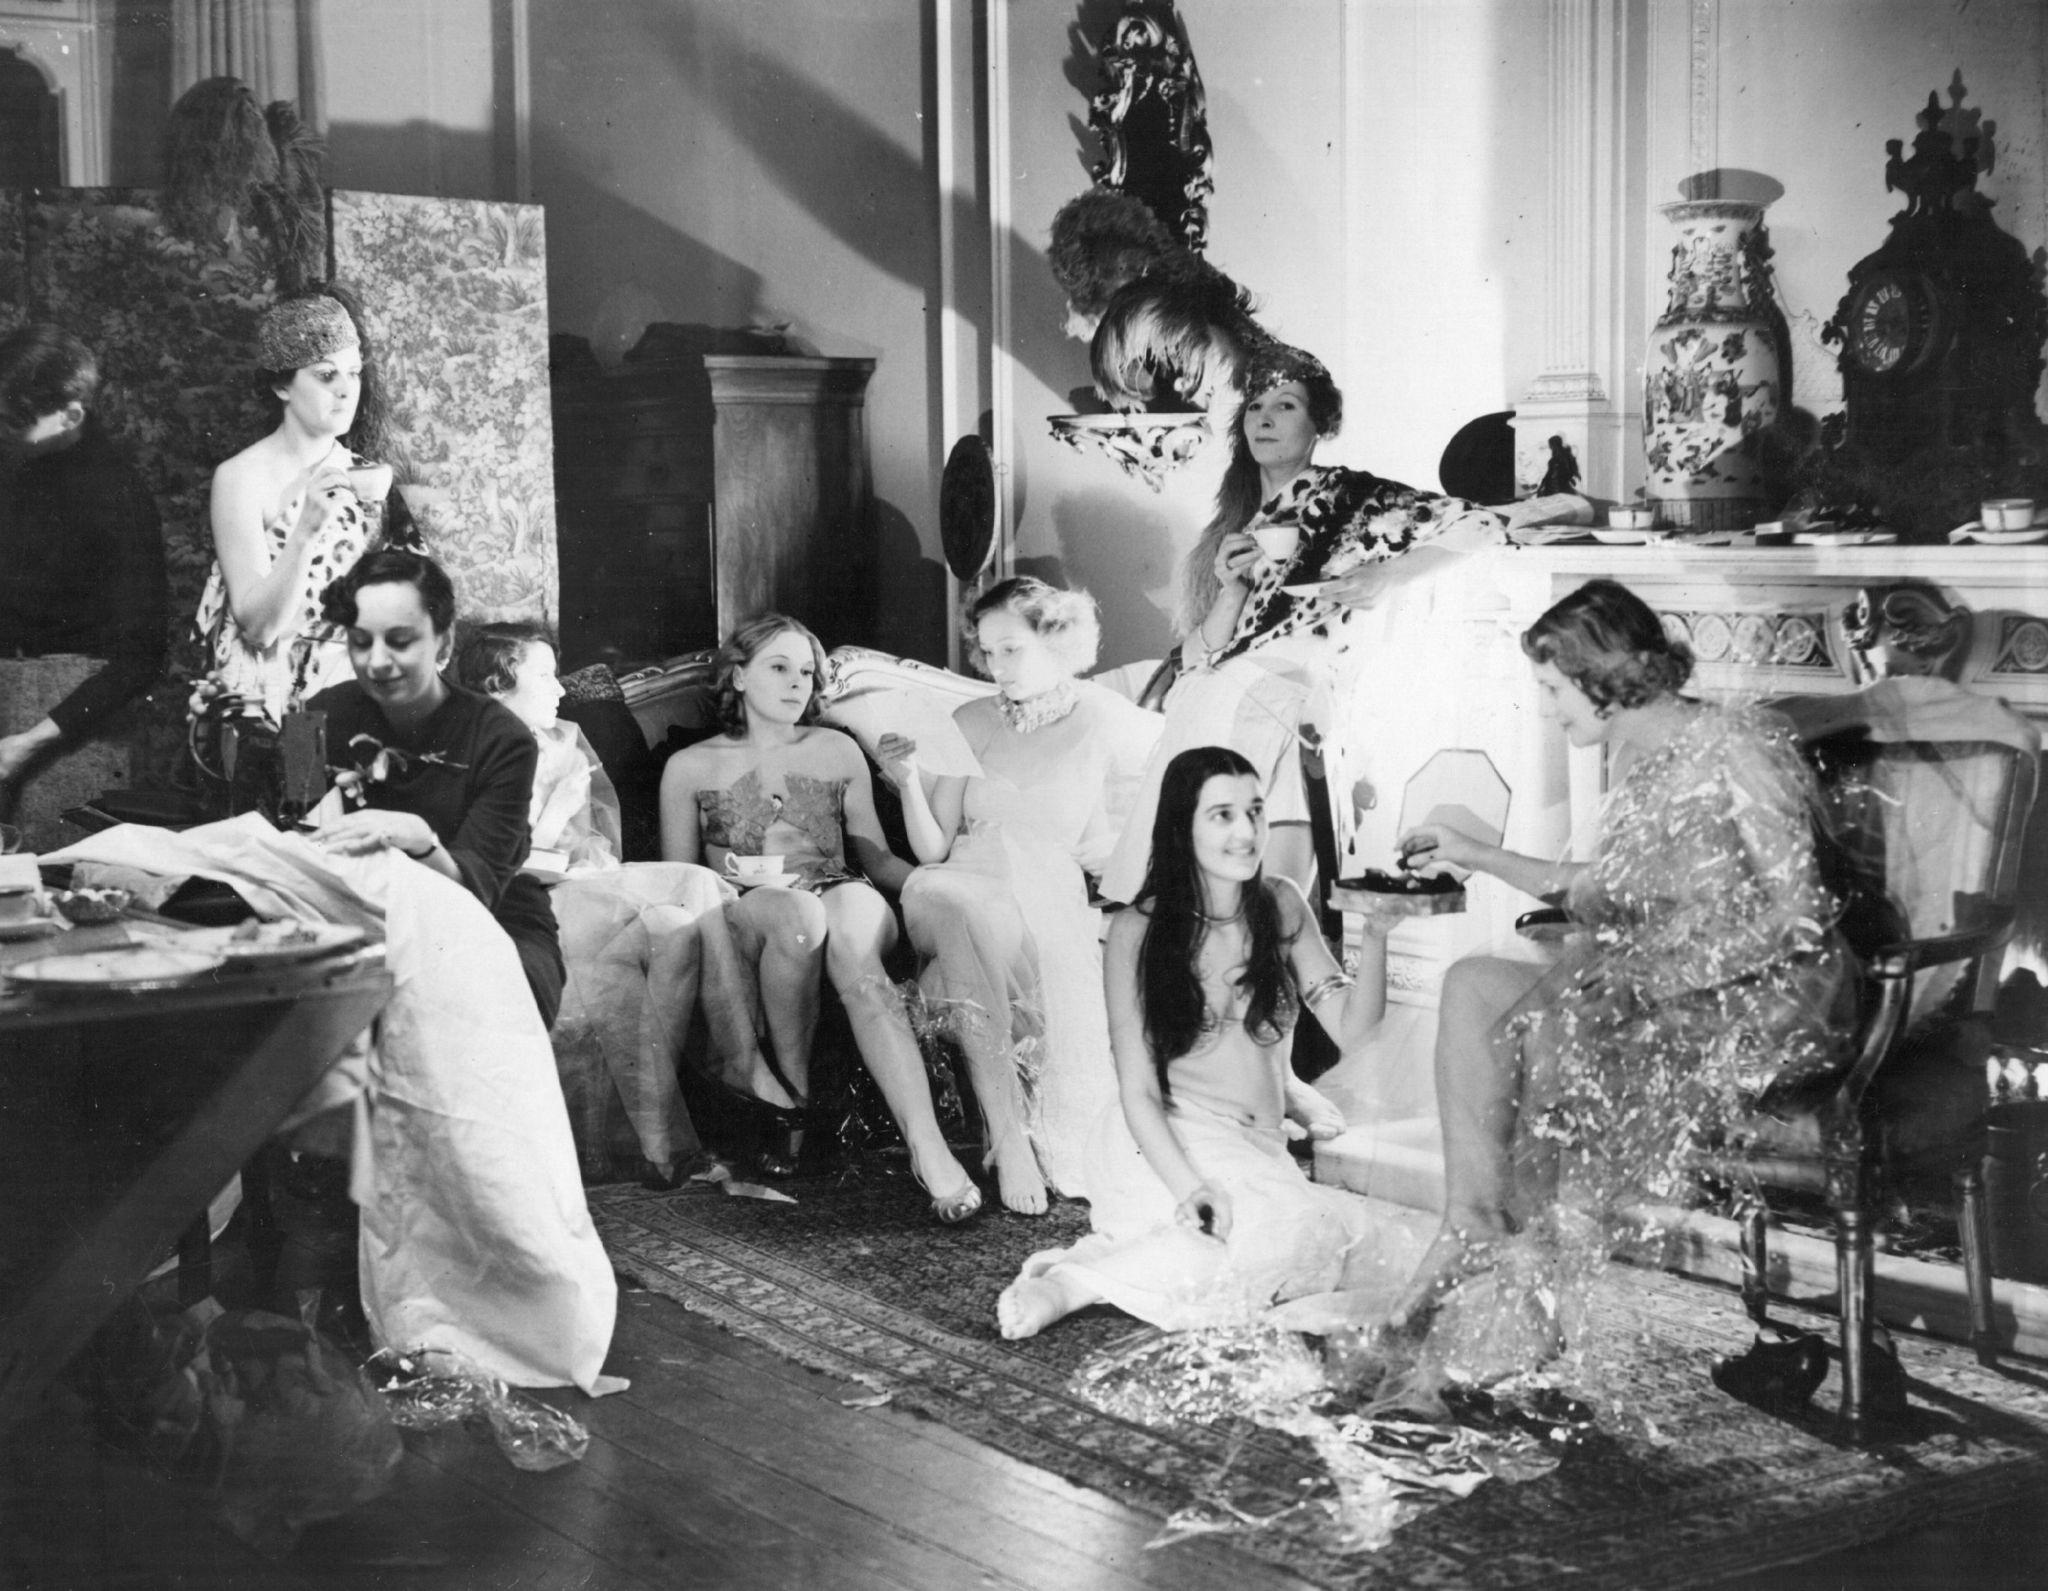 1935. Члены Кенсингтонской студии устраивают перерыв на чай во время подготовки костюмов к балу искусств Челси.jpg